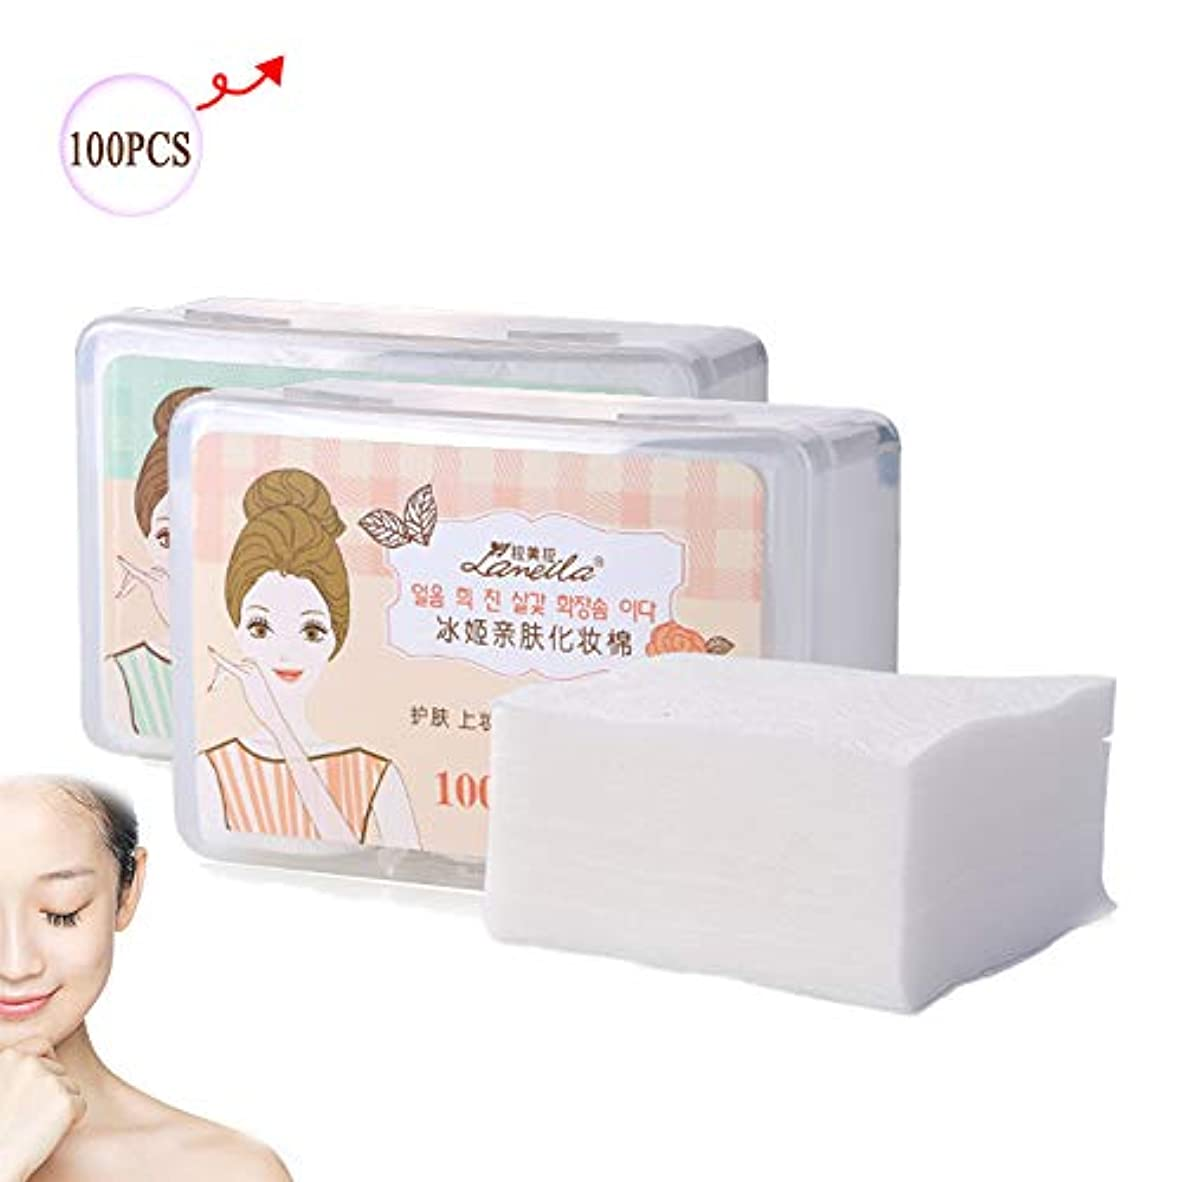 周術期倍増戦術メイク落としパッド、顔用洗顔料コットンパッド洗顔用女性と男性